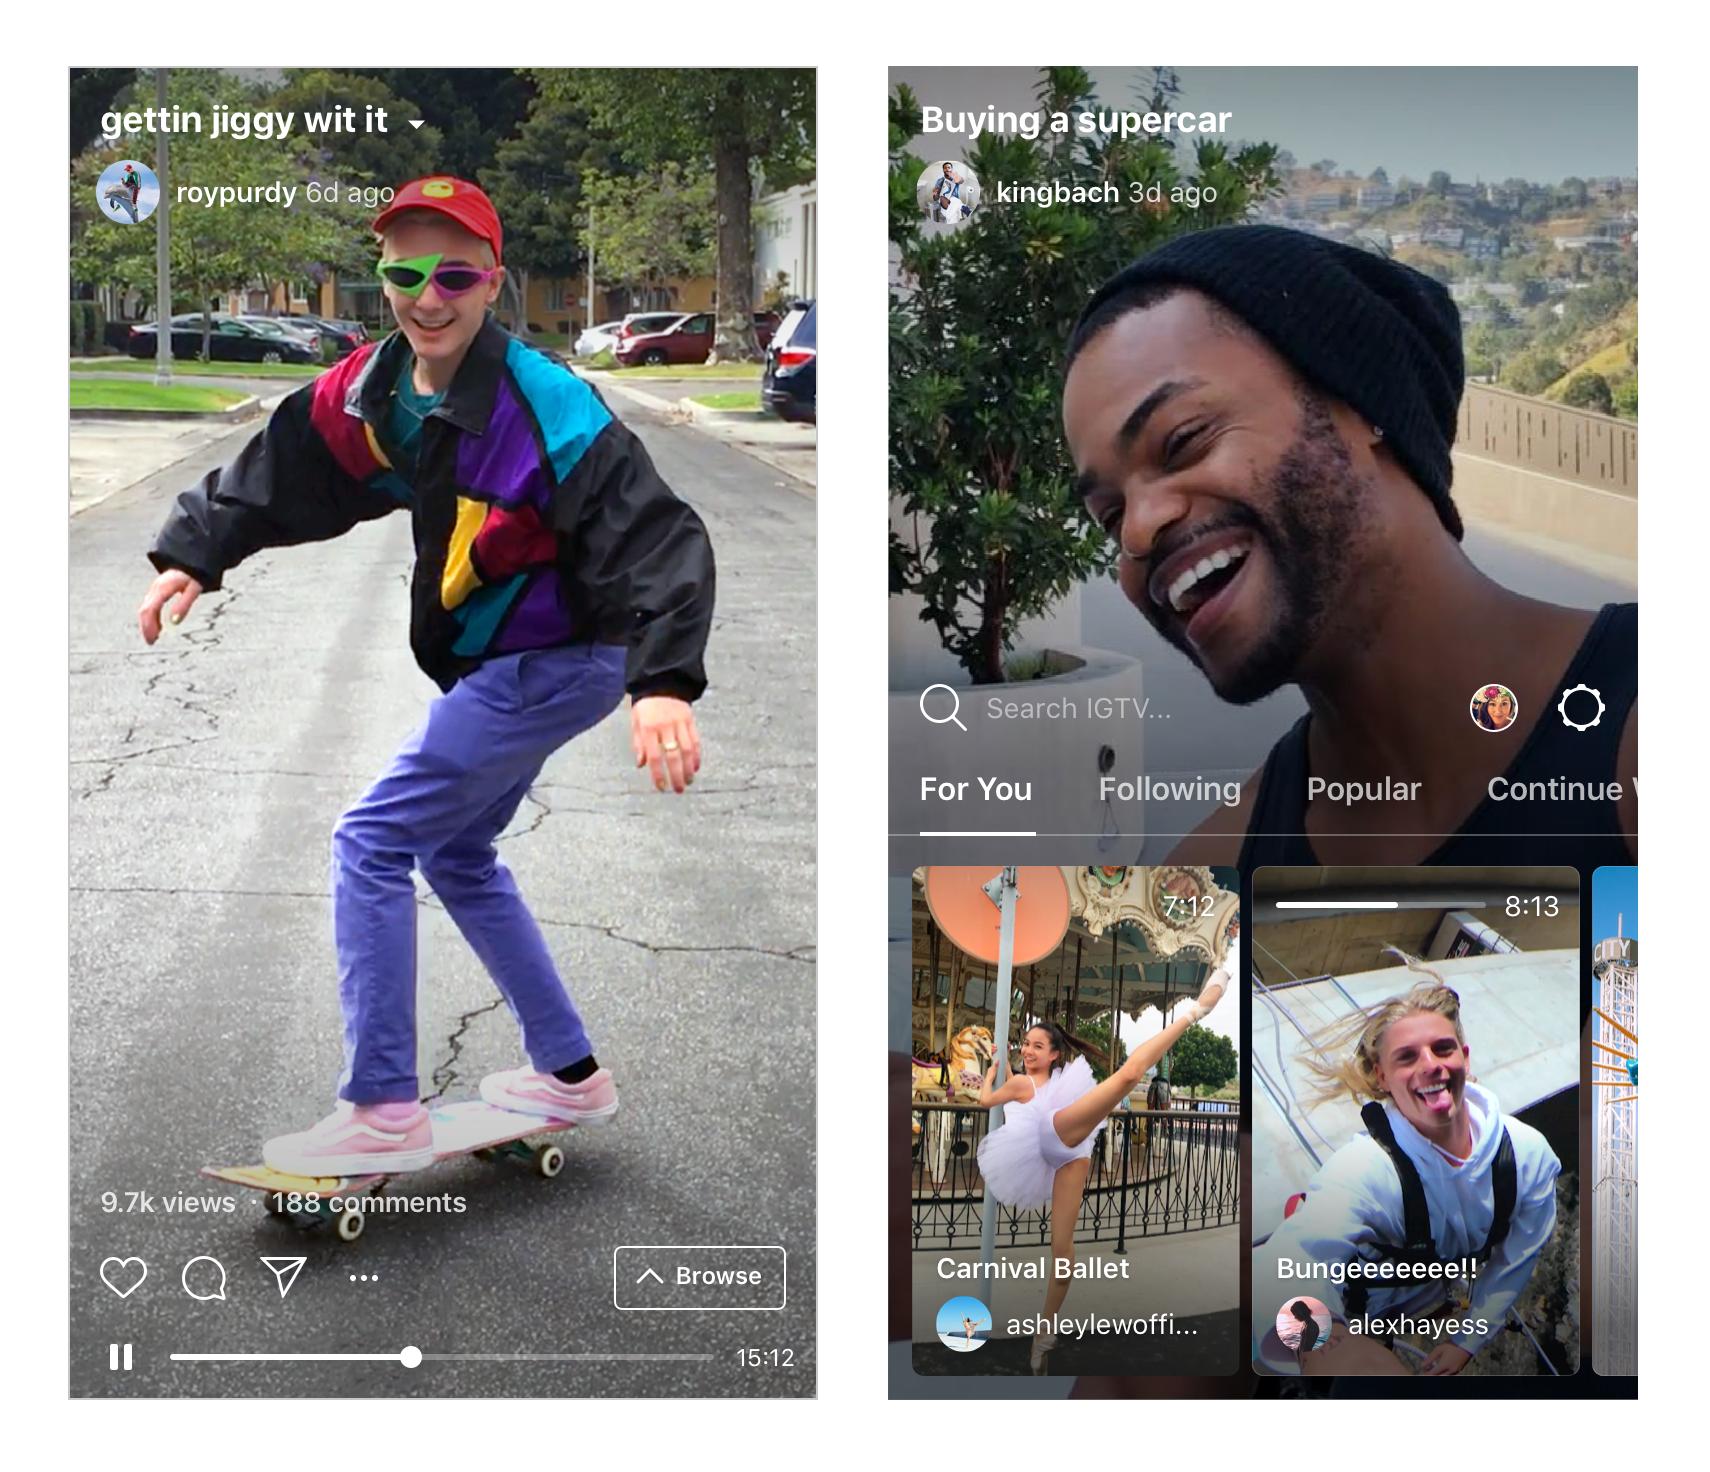 Todo lo que necesita saber sobre IGTV, la nueva aplicación de video Longform de Instagram